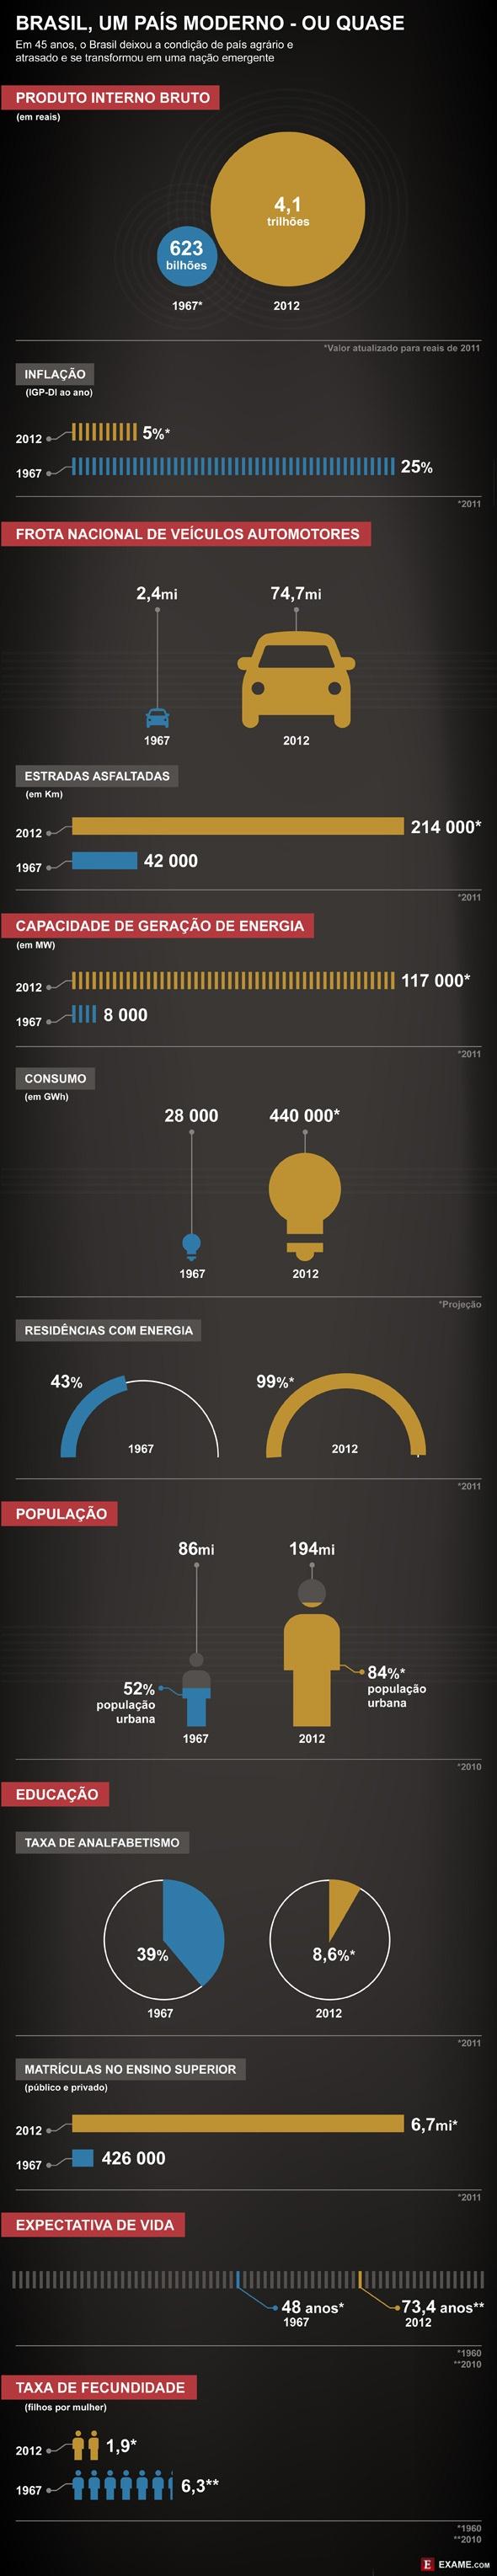 Os avanços do Brasil em 45 anos - de país agrário à nação emergente